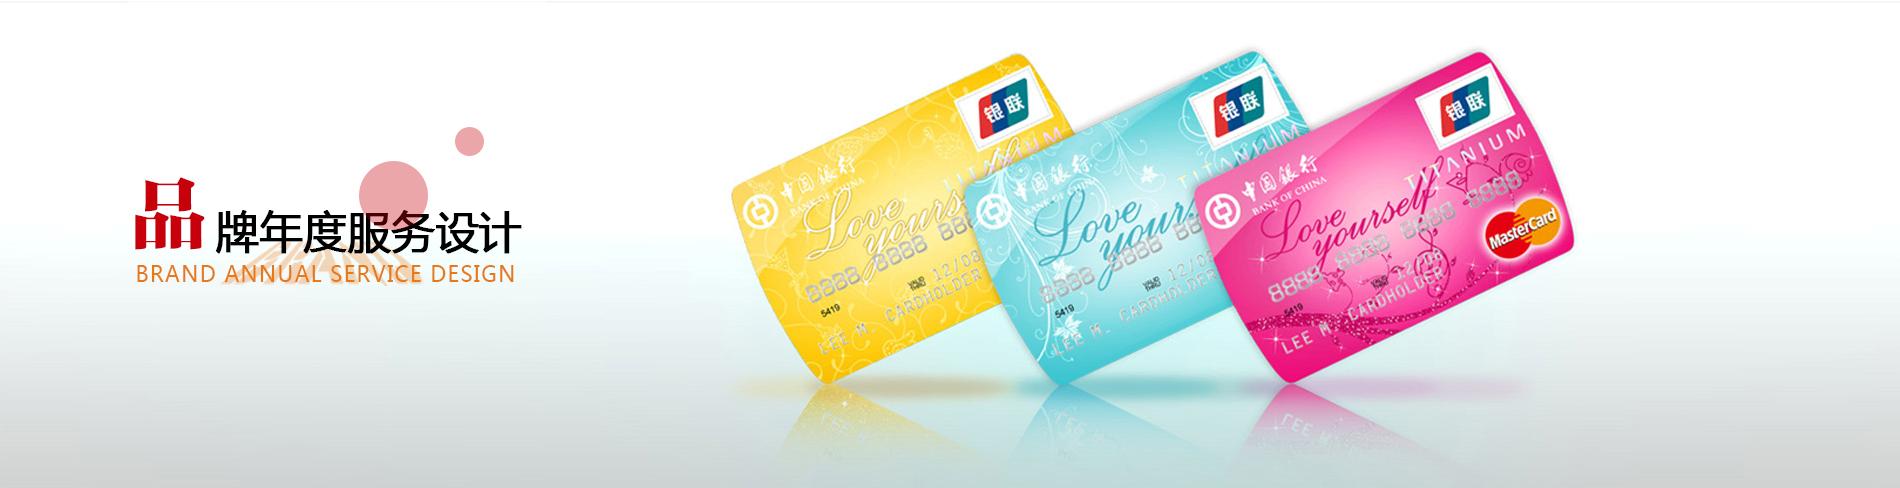 品牌年度服务设计